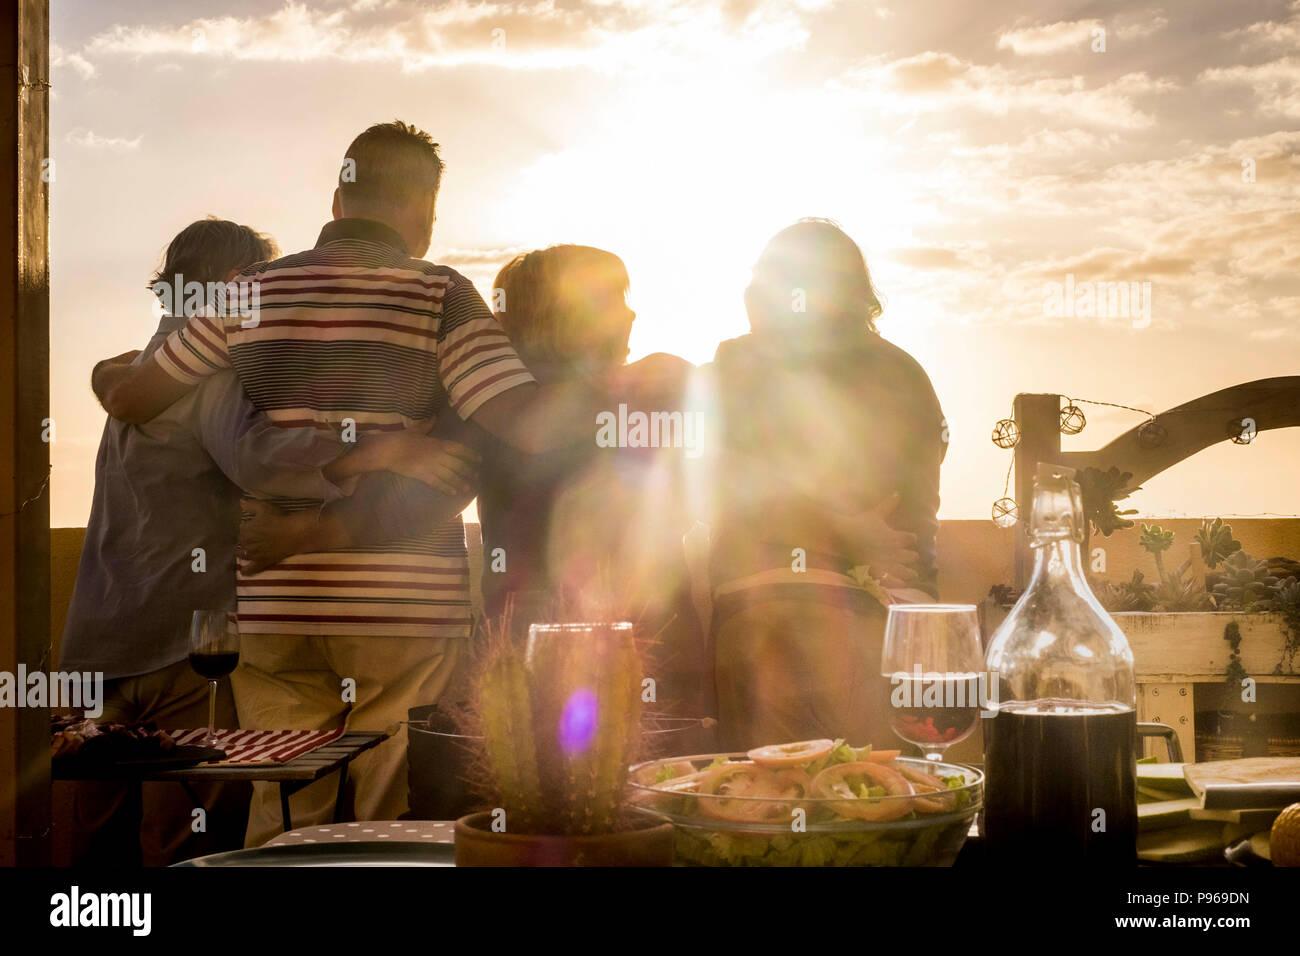 Groupe de personnes senior friends hug et celabrate ensemble affichage du golde coucher du soleil à partir d'un toit-terrasse. vivant toujours en vacances et pris sa retraite happi Photo Stock